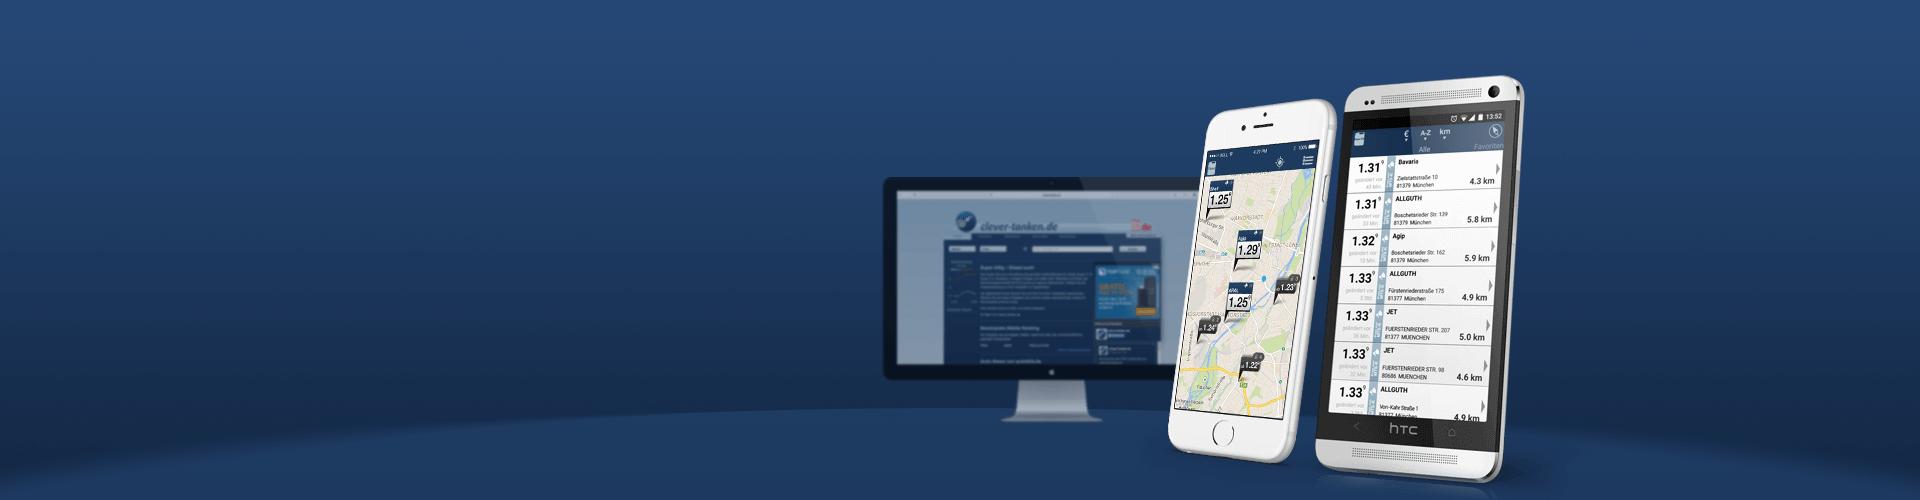 Iphone HTC und Bildschirm mit Clever-Tanken Mockup